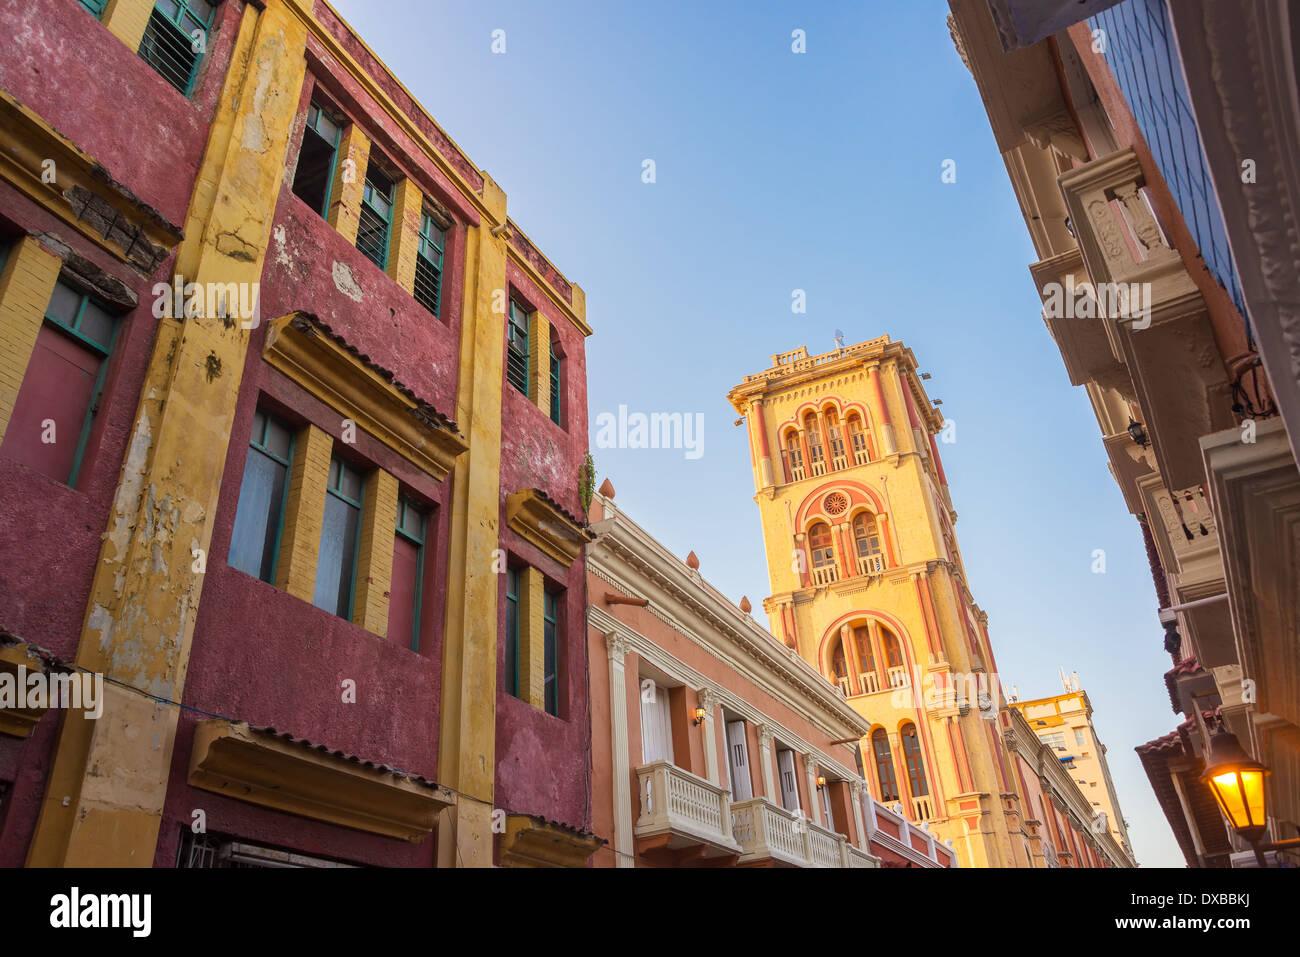 Vista della Torre di Cartagena università pubblica nel cuore del quartiere storico di Cartagena, Colombia Immagini Stock